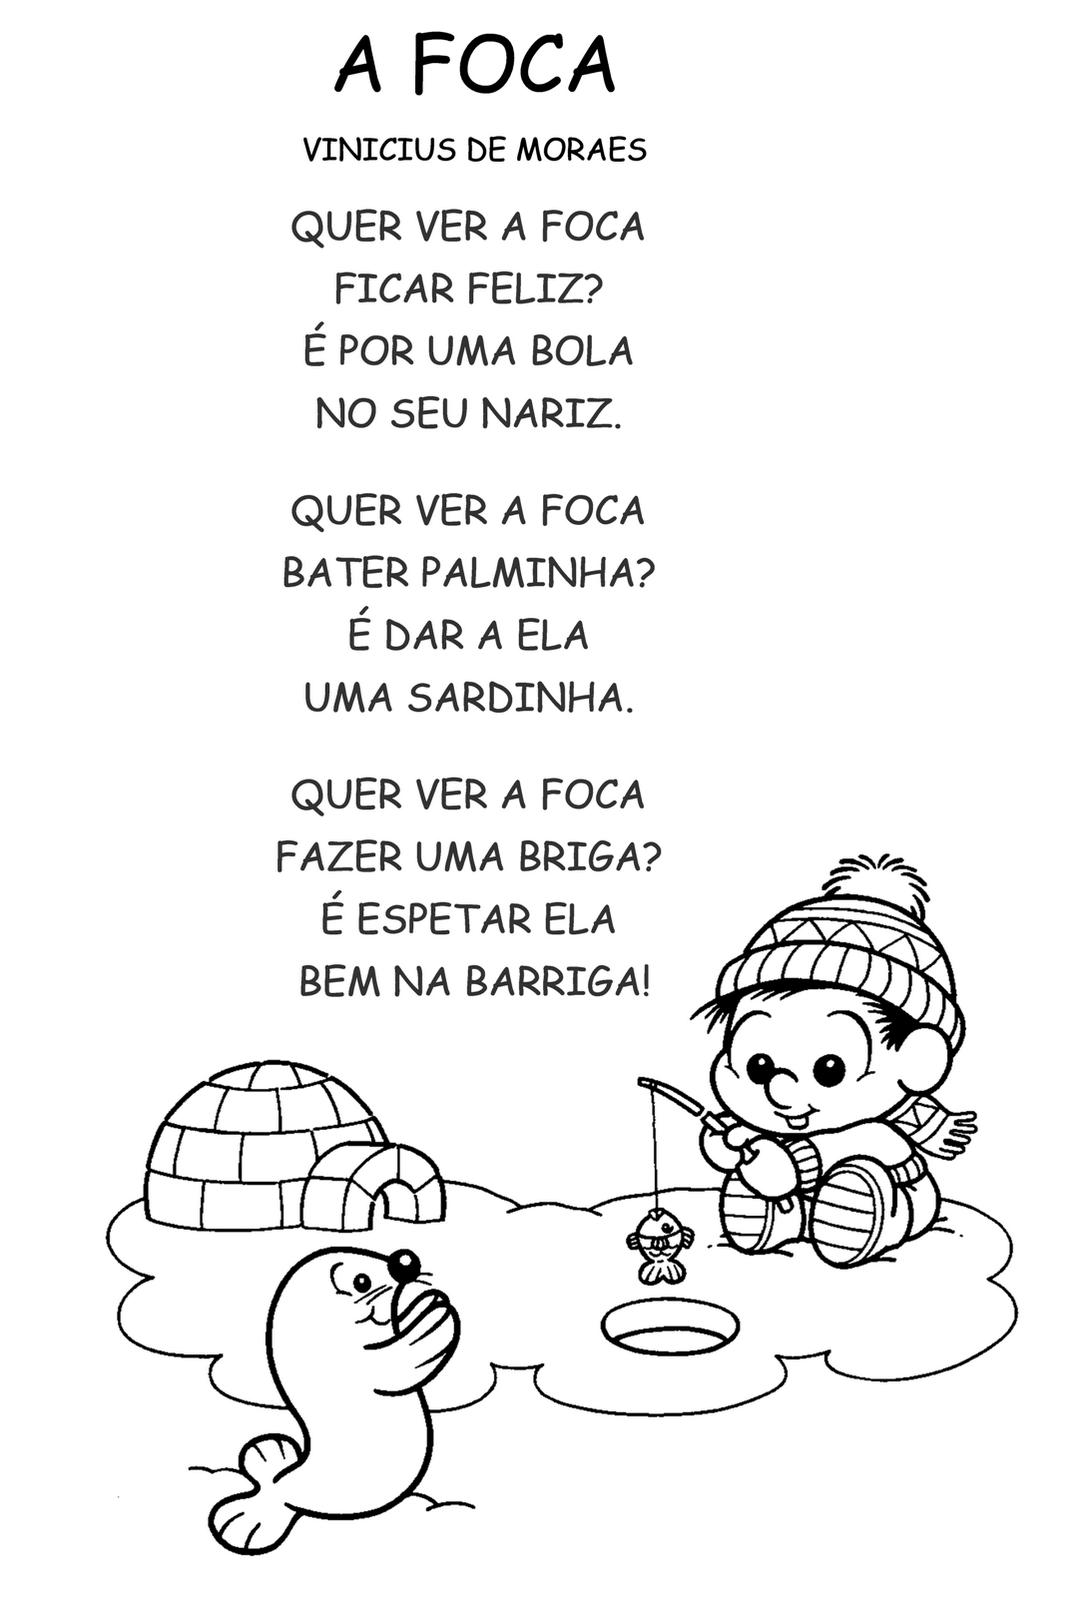 Poesia: Ser seu Amigo de Vinicius de Moraes narrada por